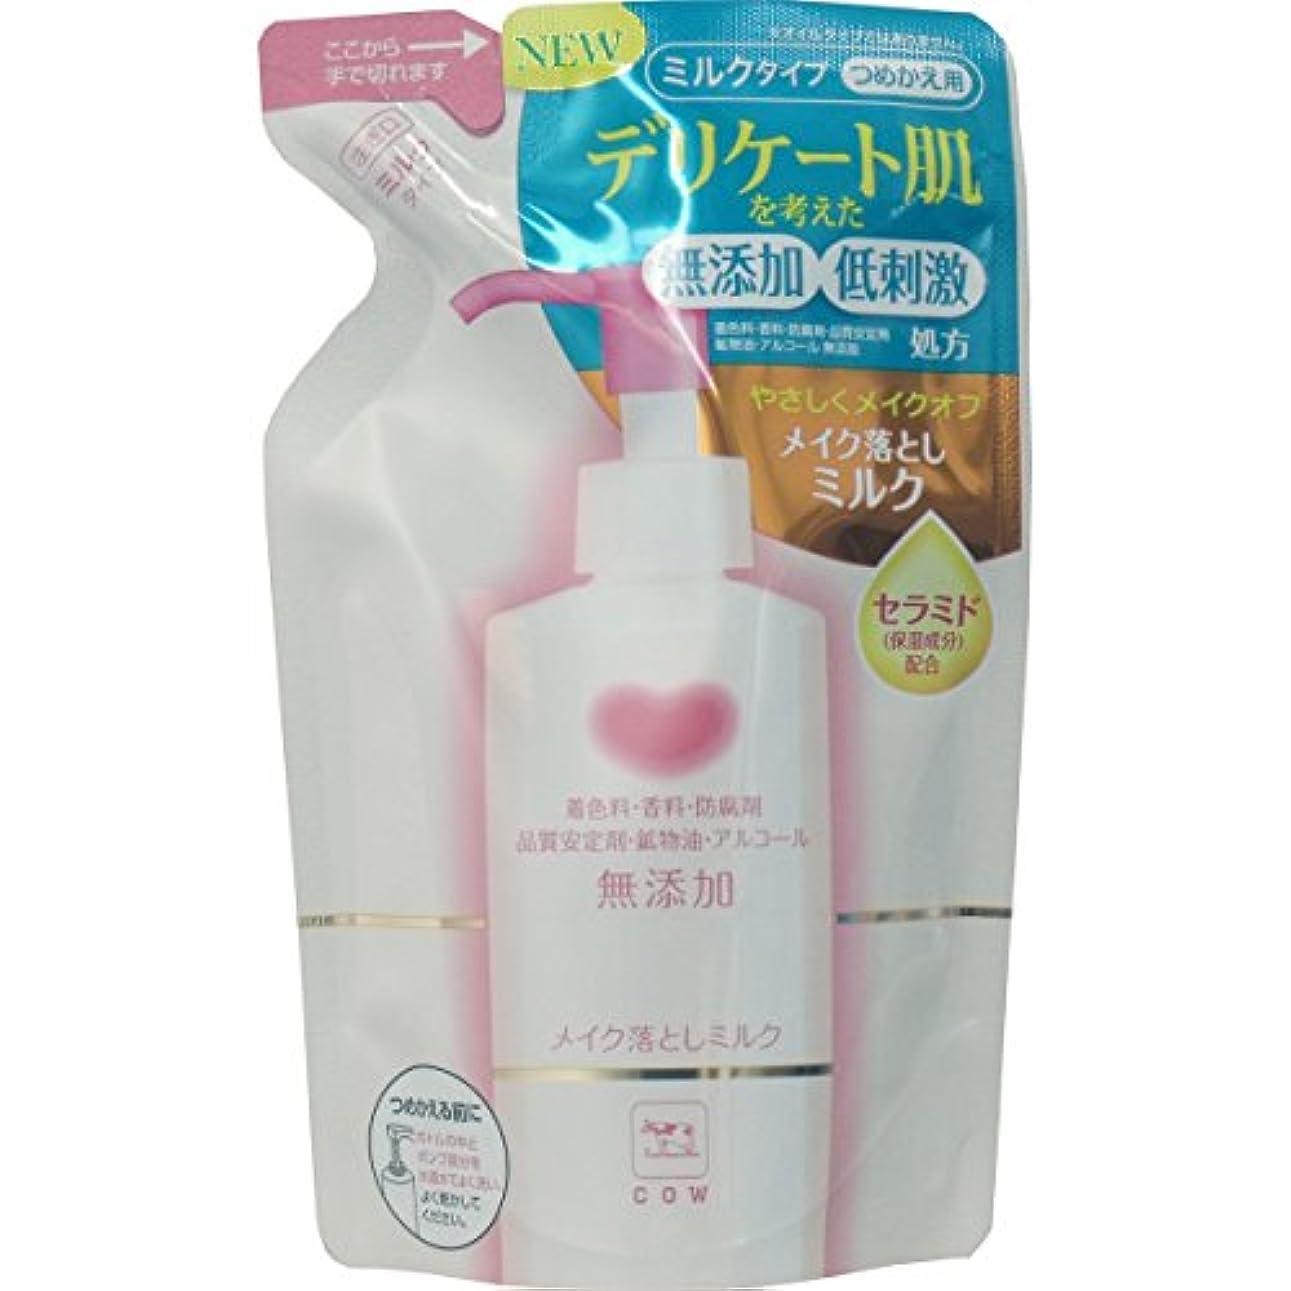 家畜統合する画像【牛乳石鹸共進社】カウ無添加 メイク落としミルク つめかえ用 130ml ×3個セット